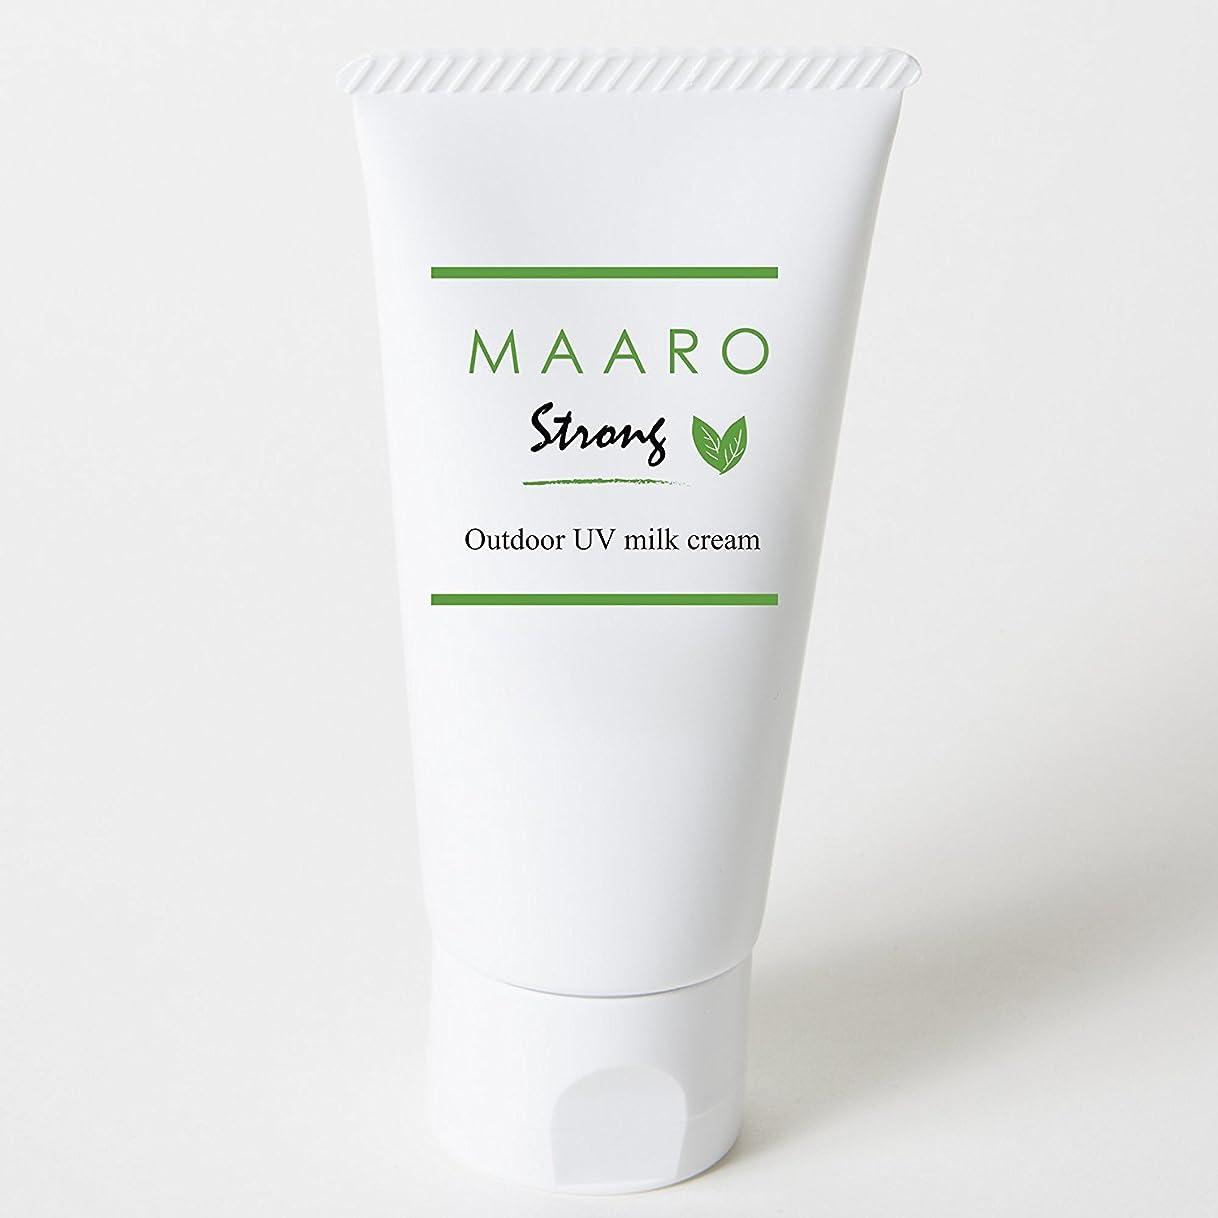 経験的コカイン最悪MAARO Strong(マアロストロング)アロマミルククリーム SPF30、PA+++ 60ml